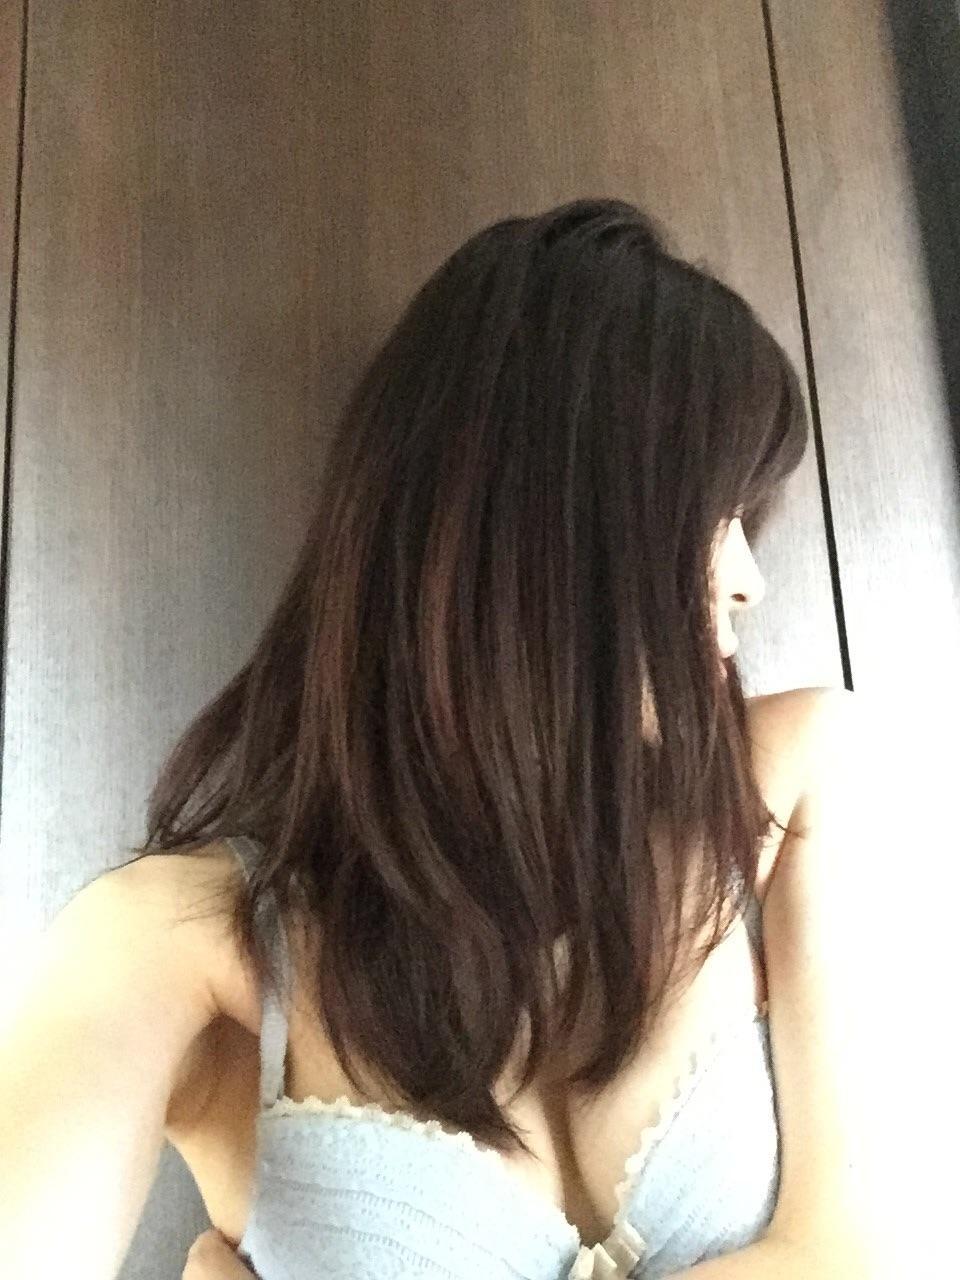 「これから出勤です☆」10/28(金) 19:08 | のりかの写メ・風俗動画